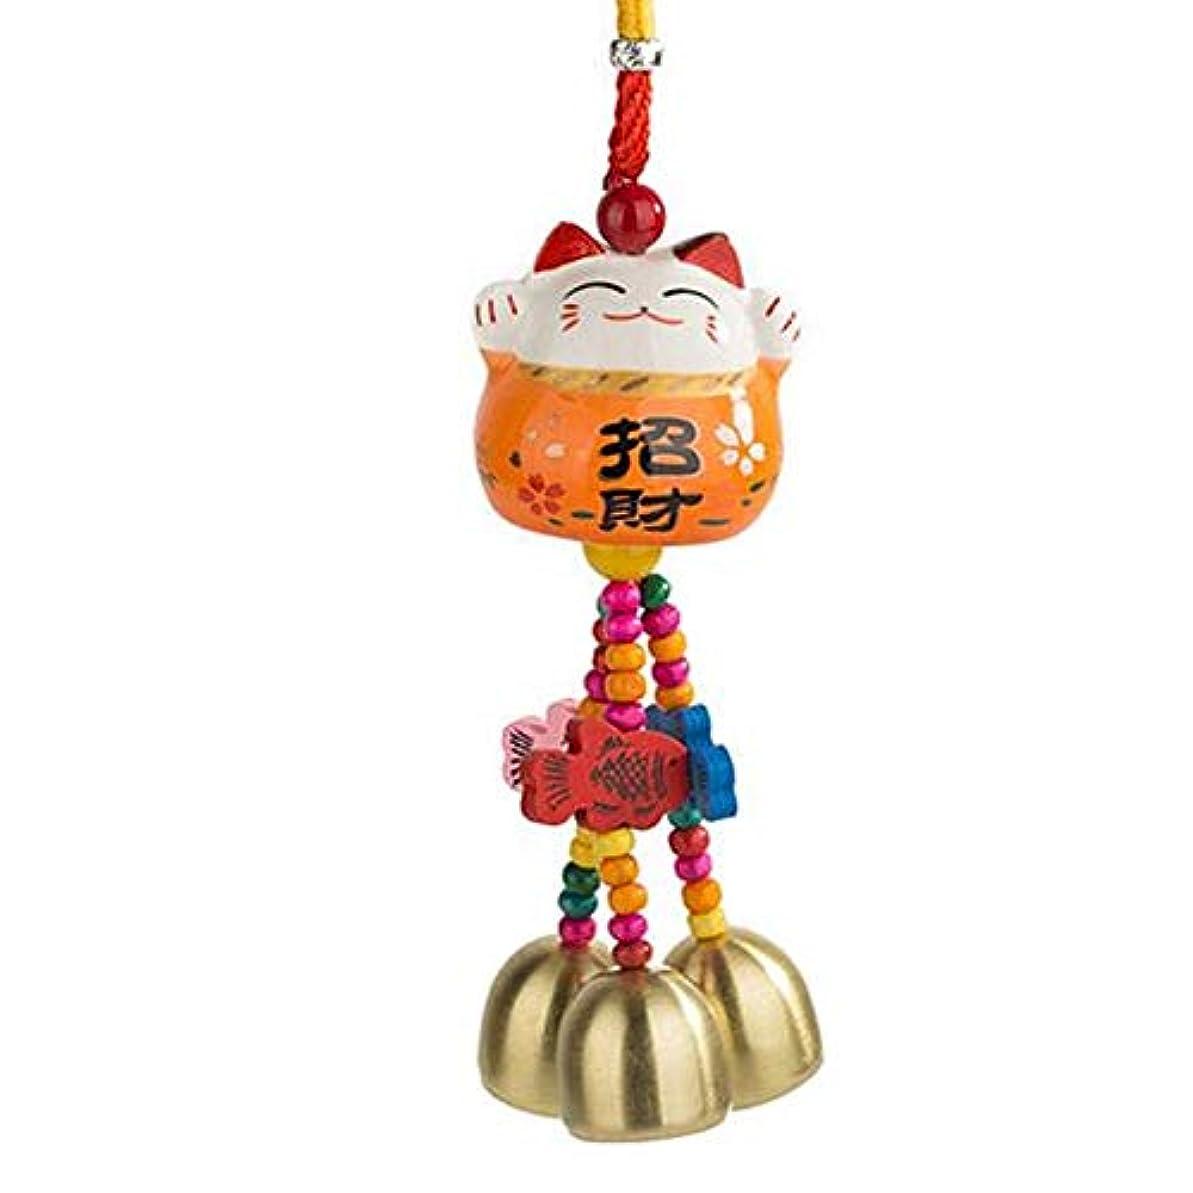 安定レバー胴体Gaoxingbianlidian001 風チャイム、かわいいクリエイティブセラミック猫風の鐘、赤、長い28センチメートル,楽しいホリデーギフト (Color : Orange)